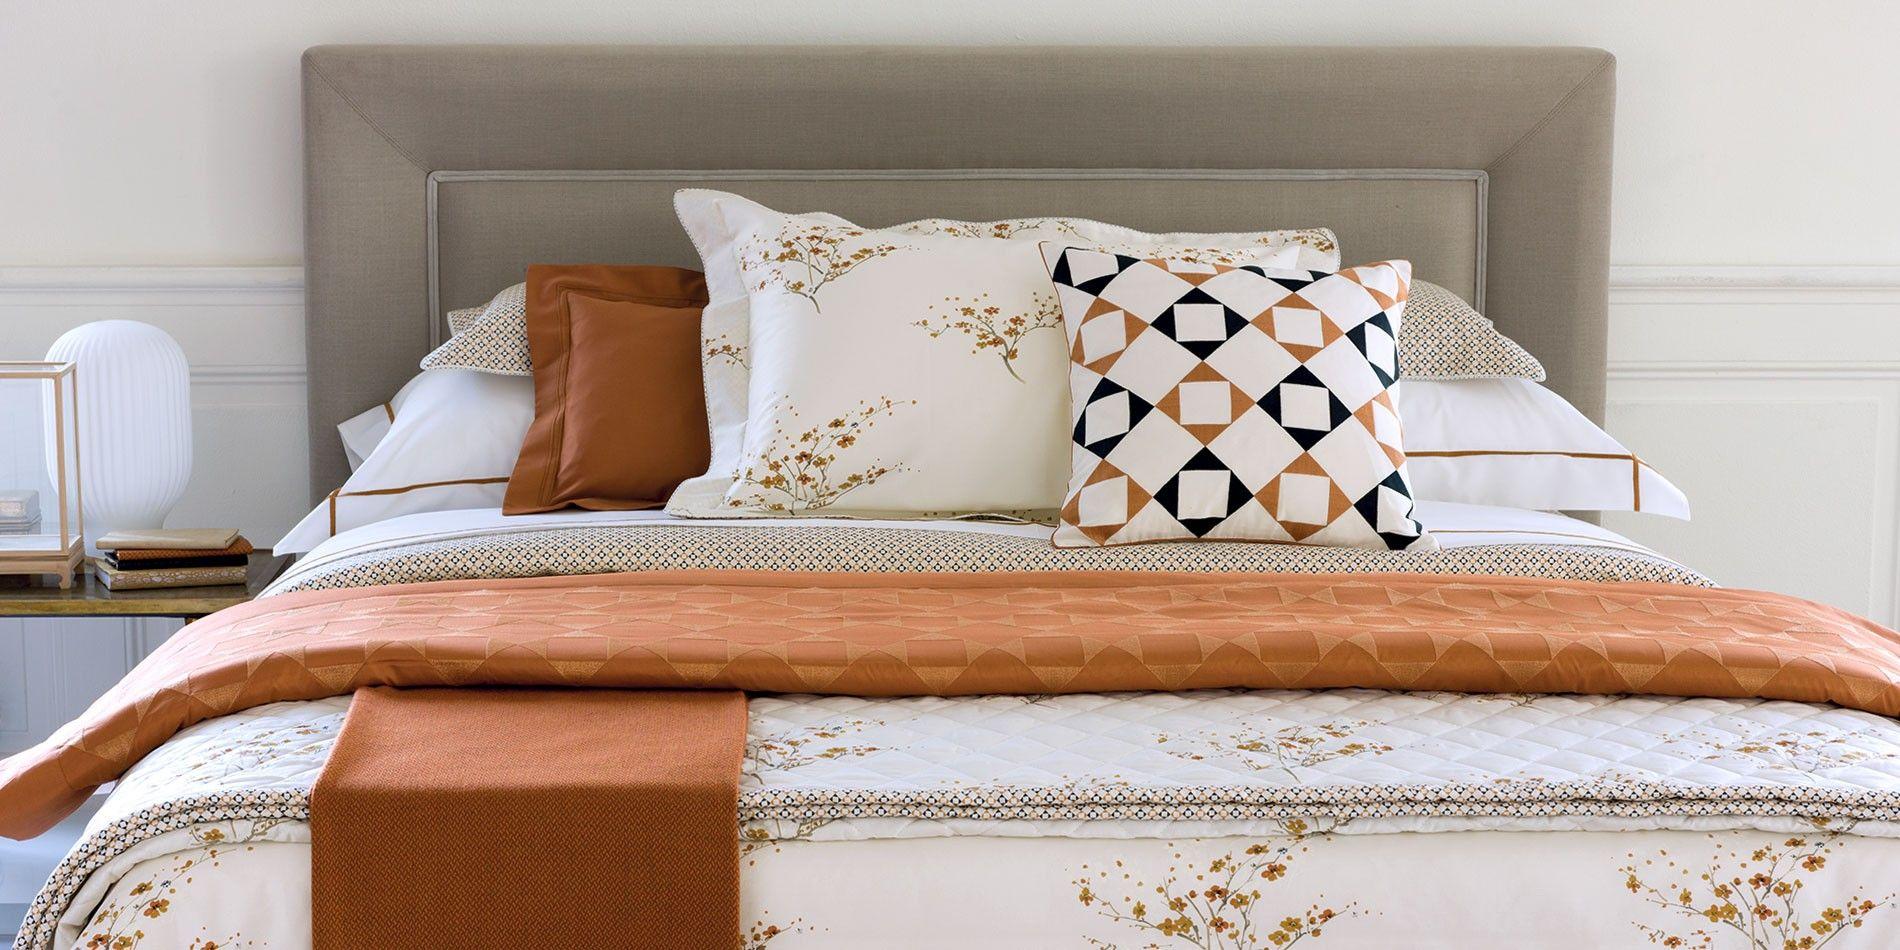 collection linge de lit delorme Parure de lit Tokaïdo   Linge de lit parures de lit haut de gamme  collection linge de lit delorme